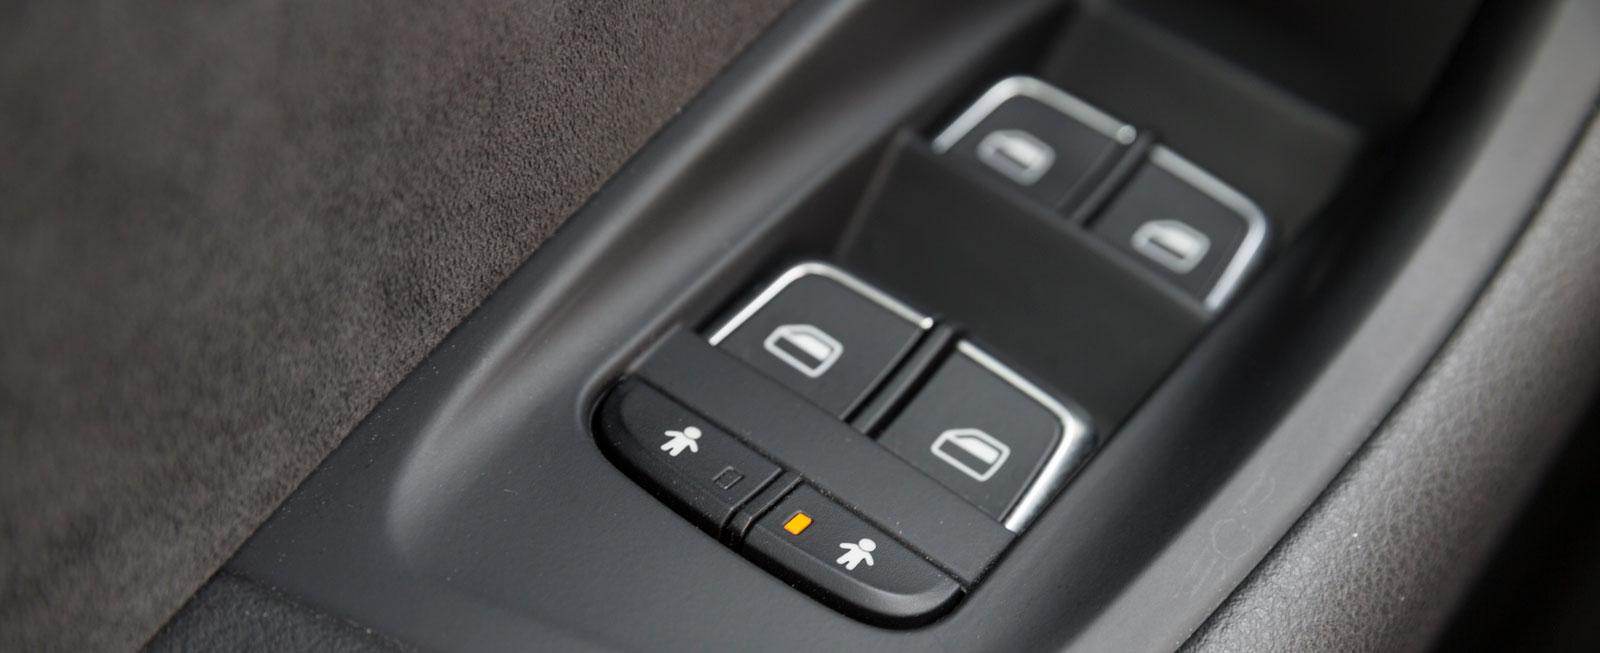 Audi är ensam om att ha elektriska barnsäkerhetslås som standard.